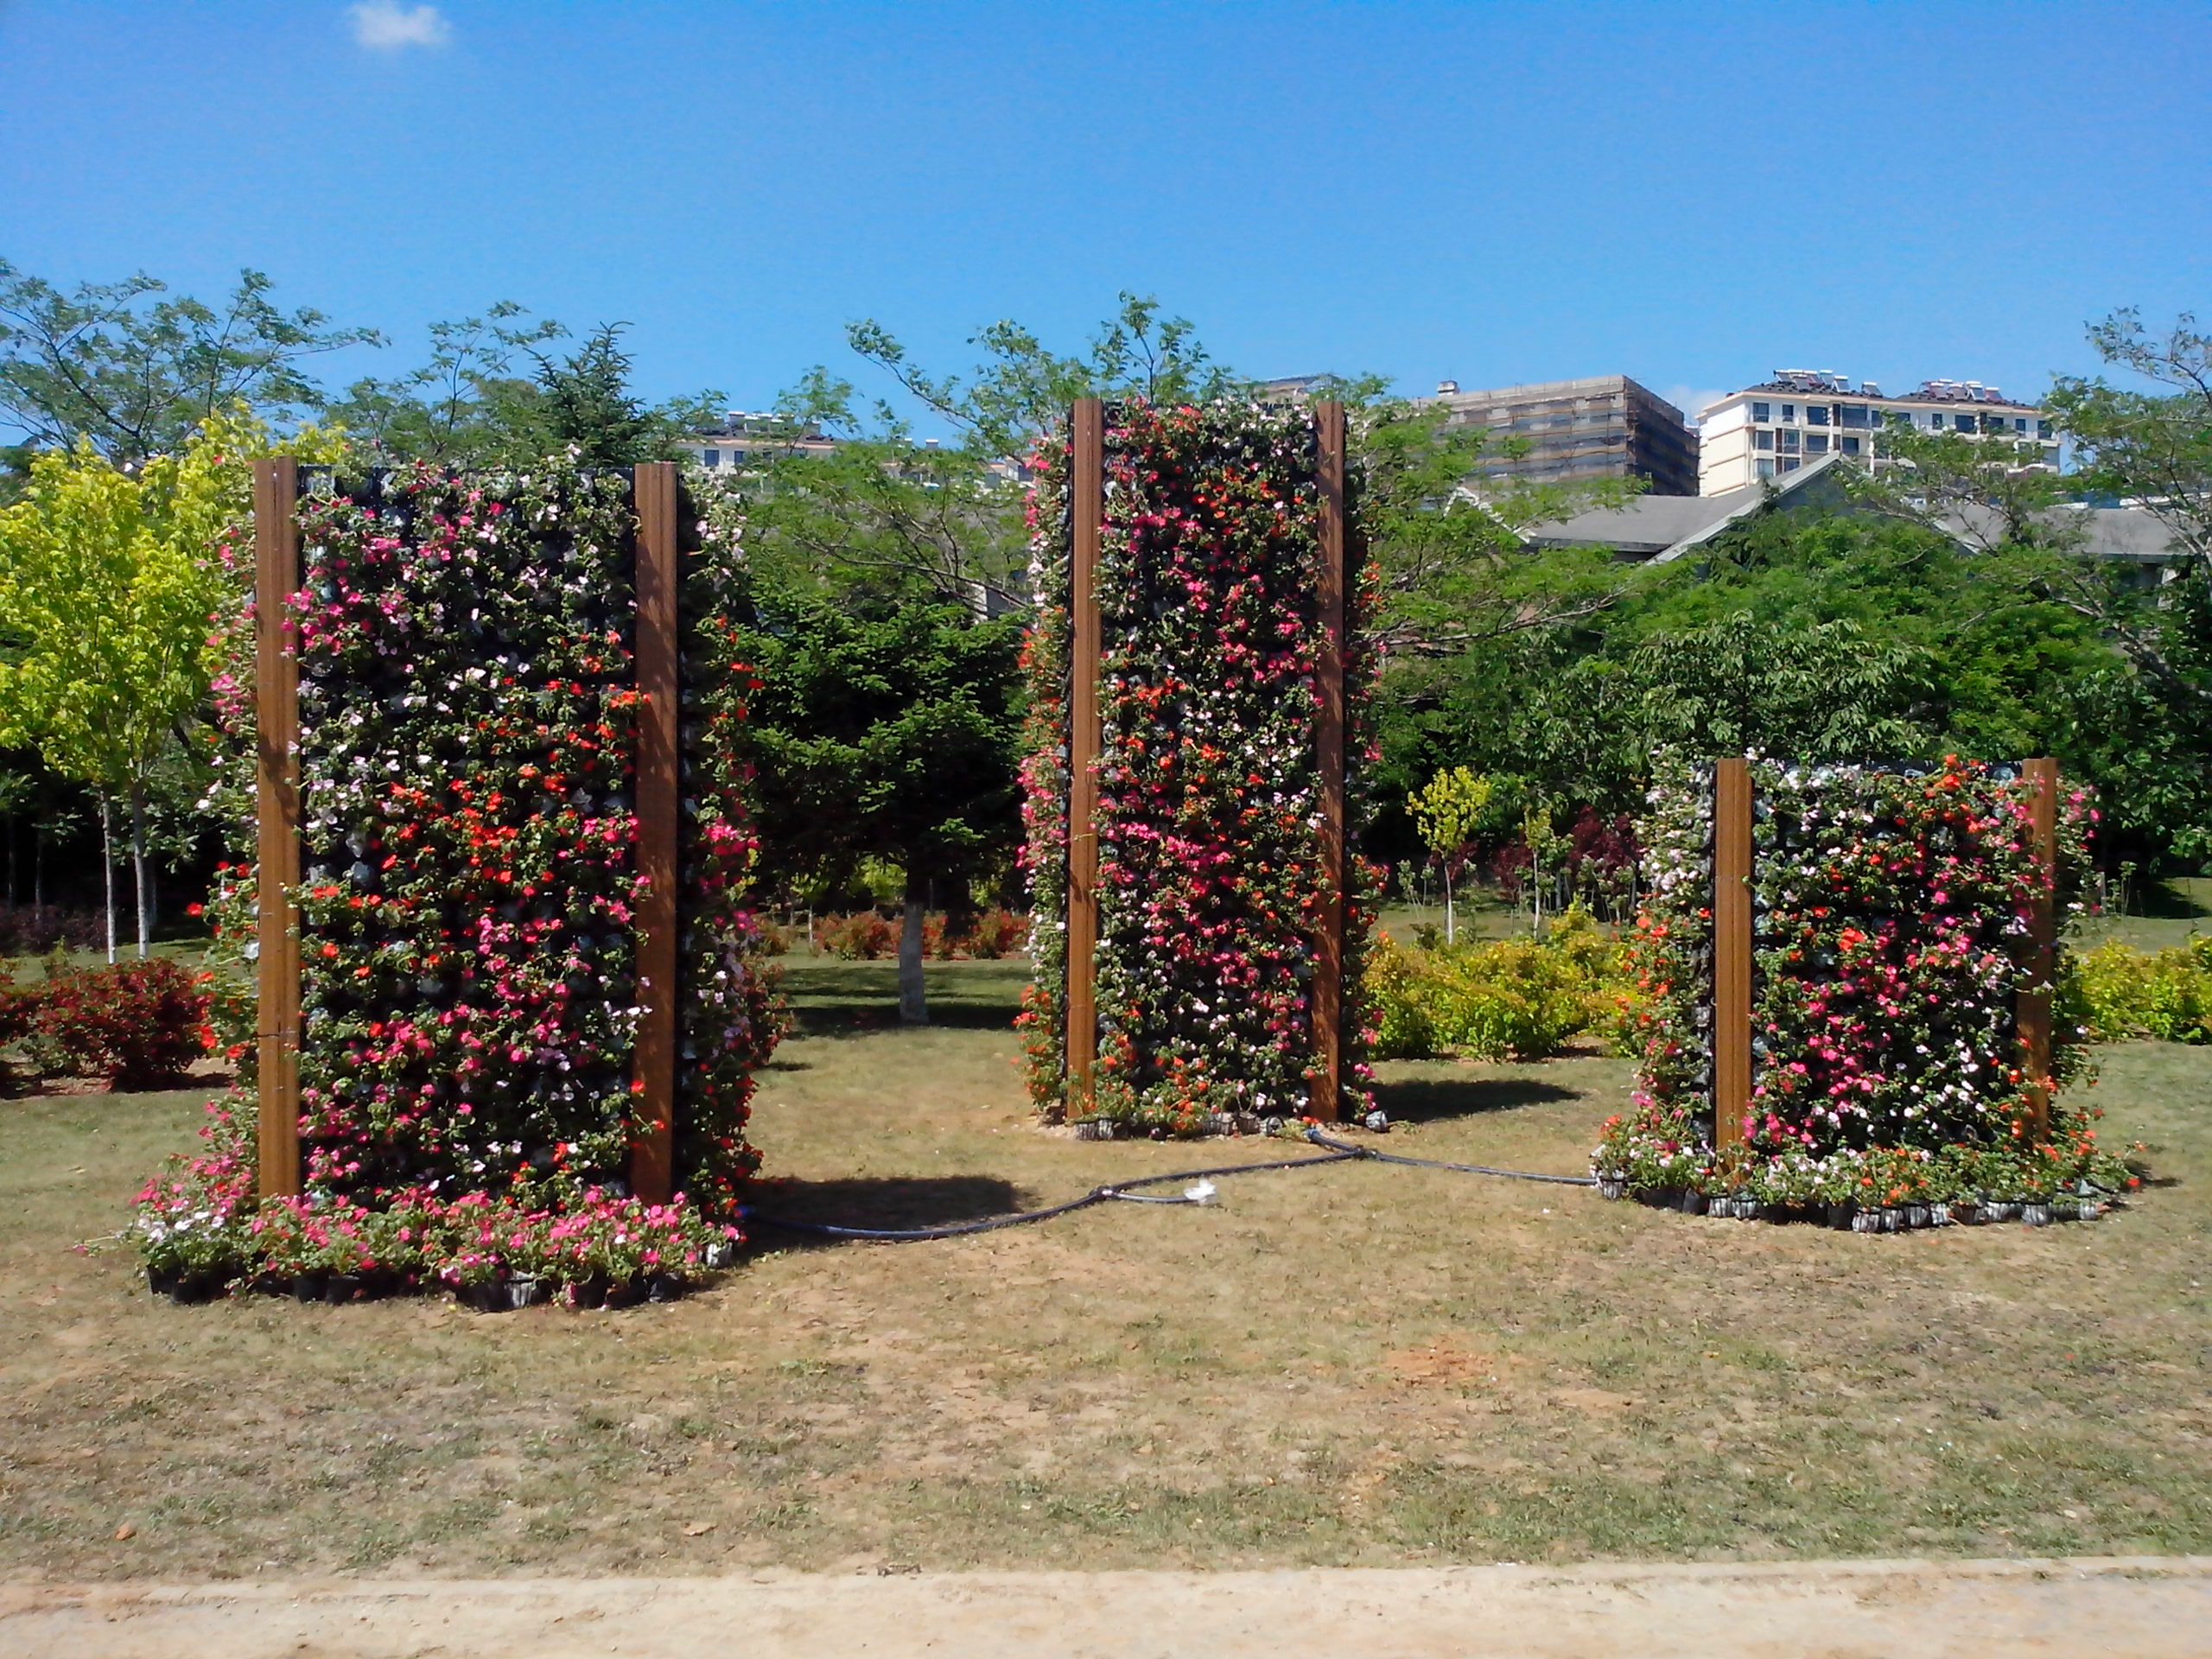 主页 供应信息 立体绿化工程 广场公园绿化系列  沈阳卓尔园艺工程